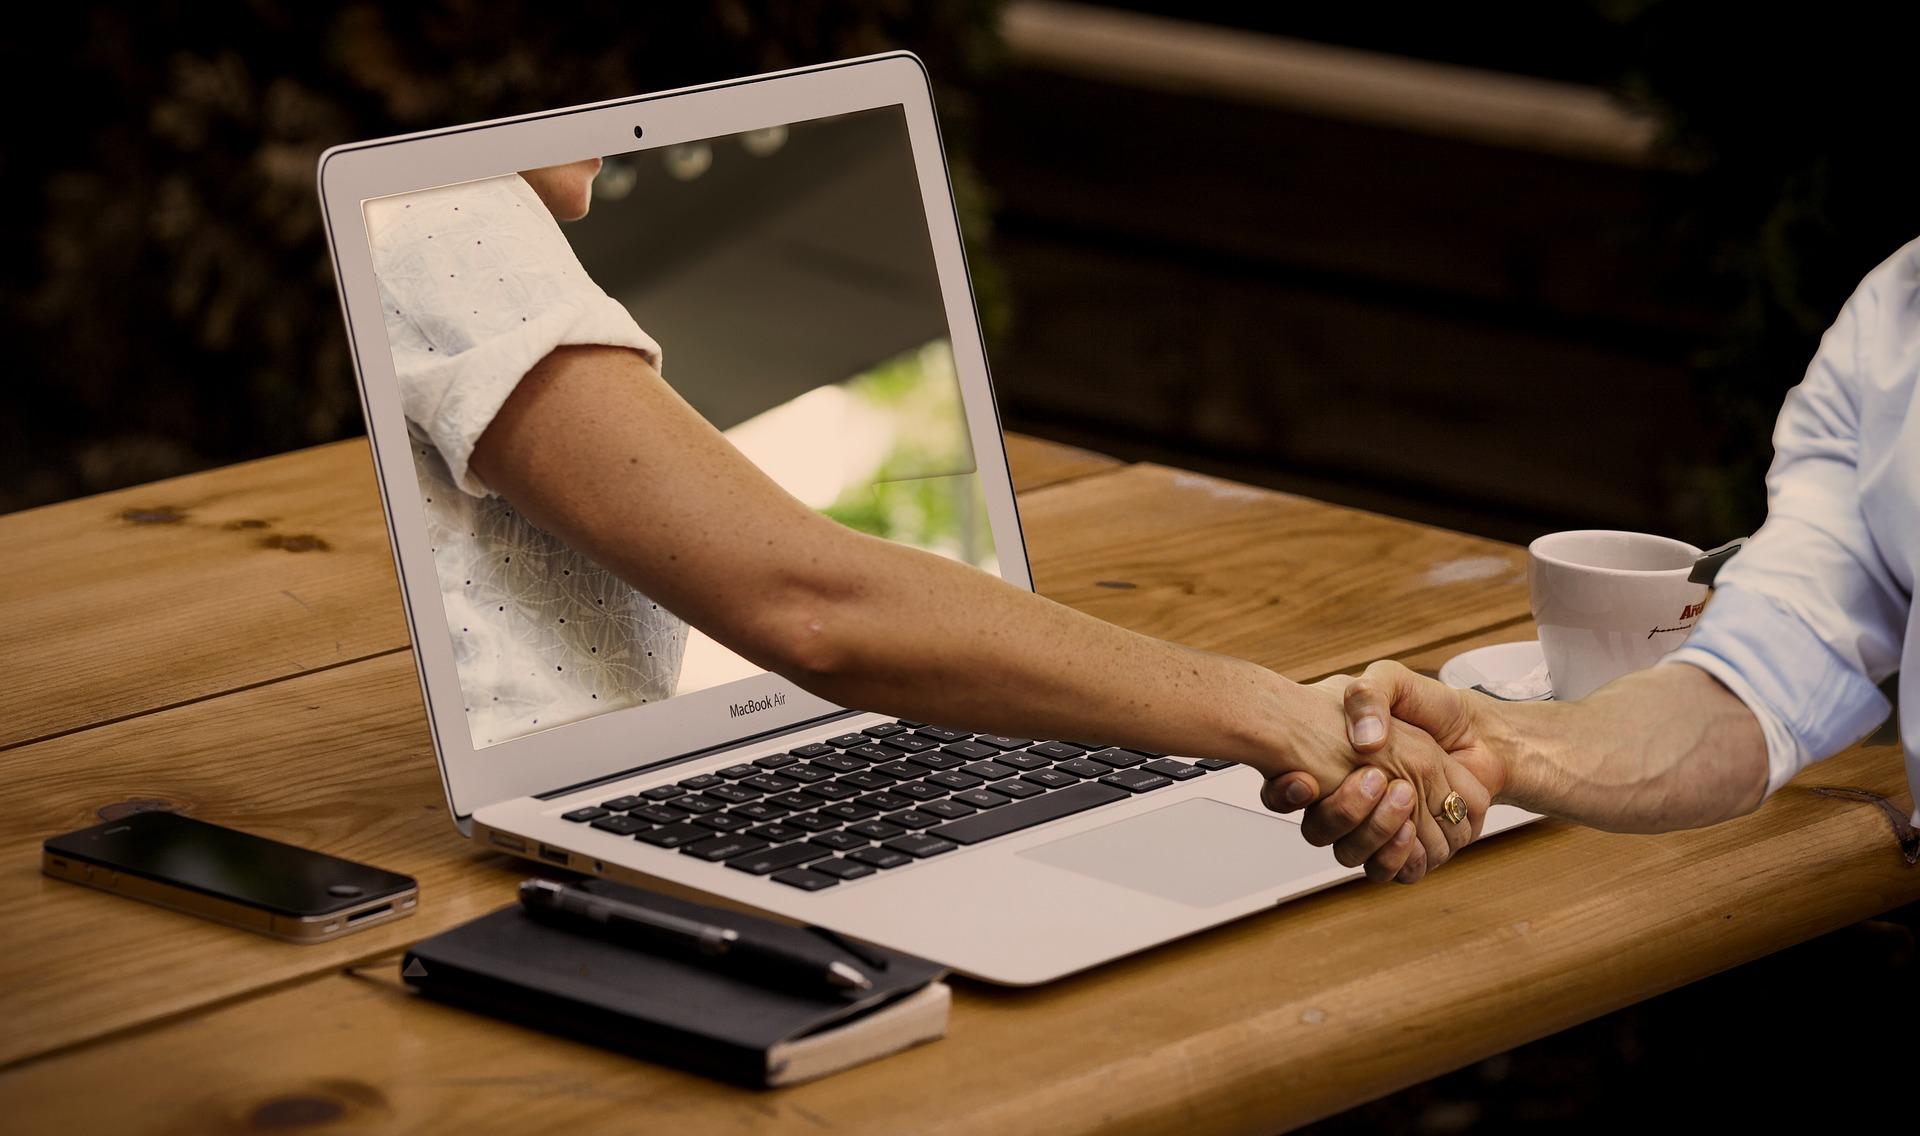 représente la rencontre entre un freelance et un client